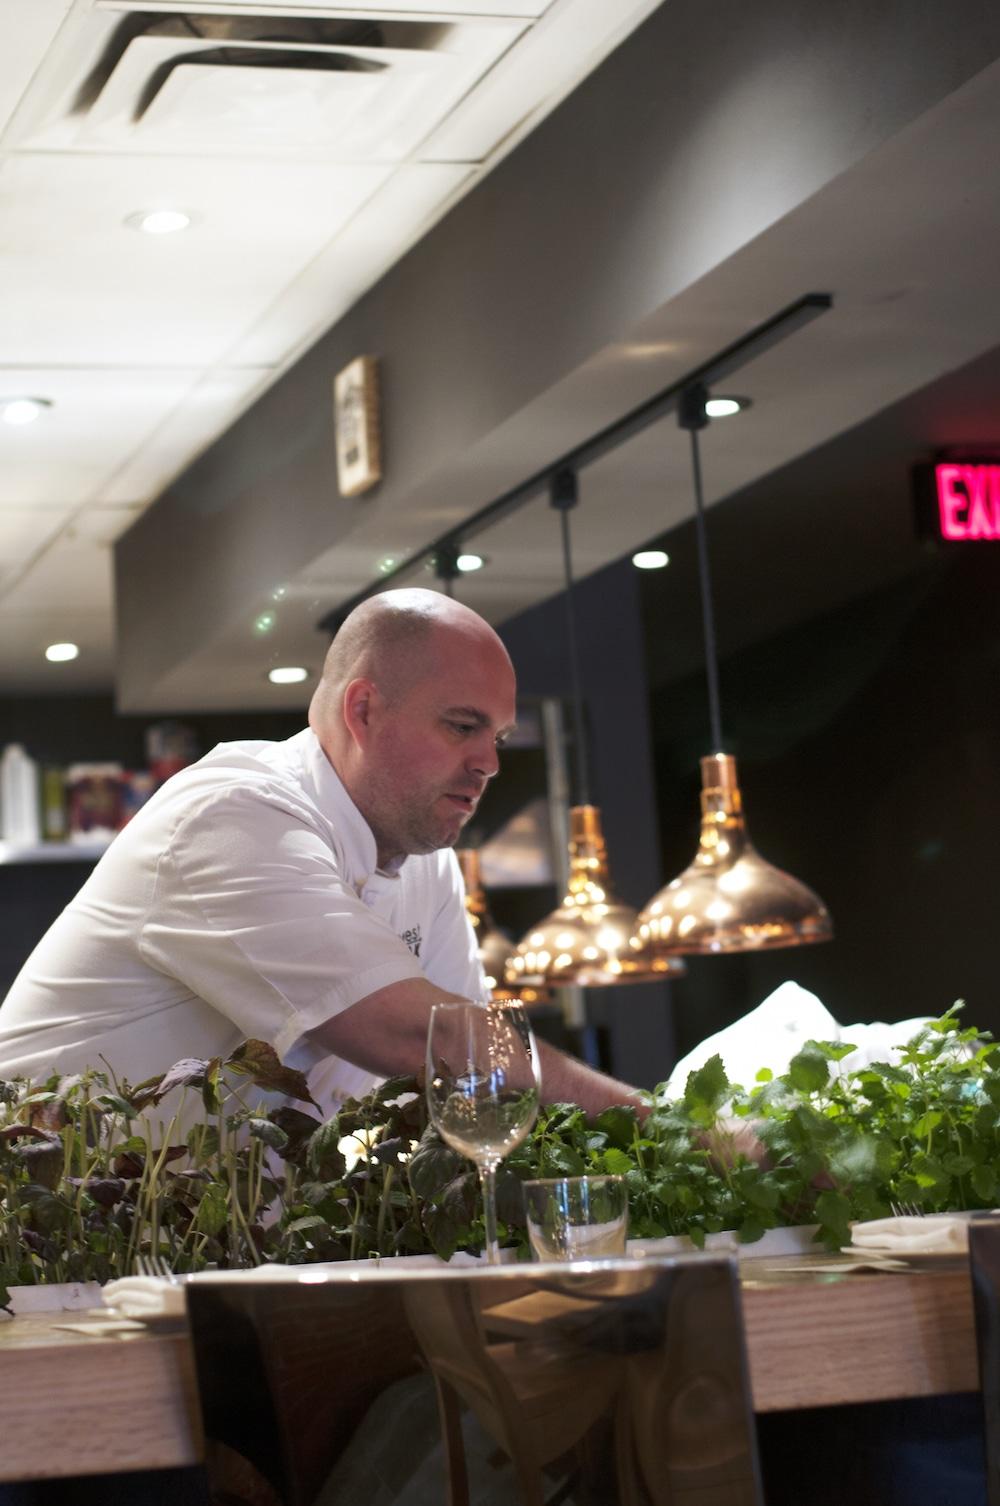 Tim Cuff, West Oak's Executive Chef